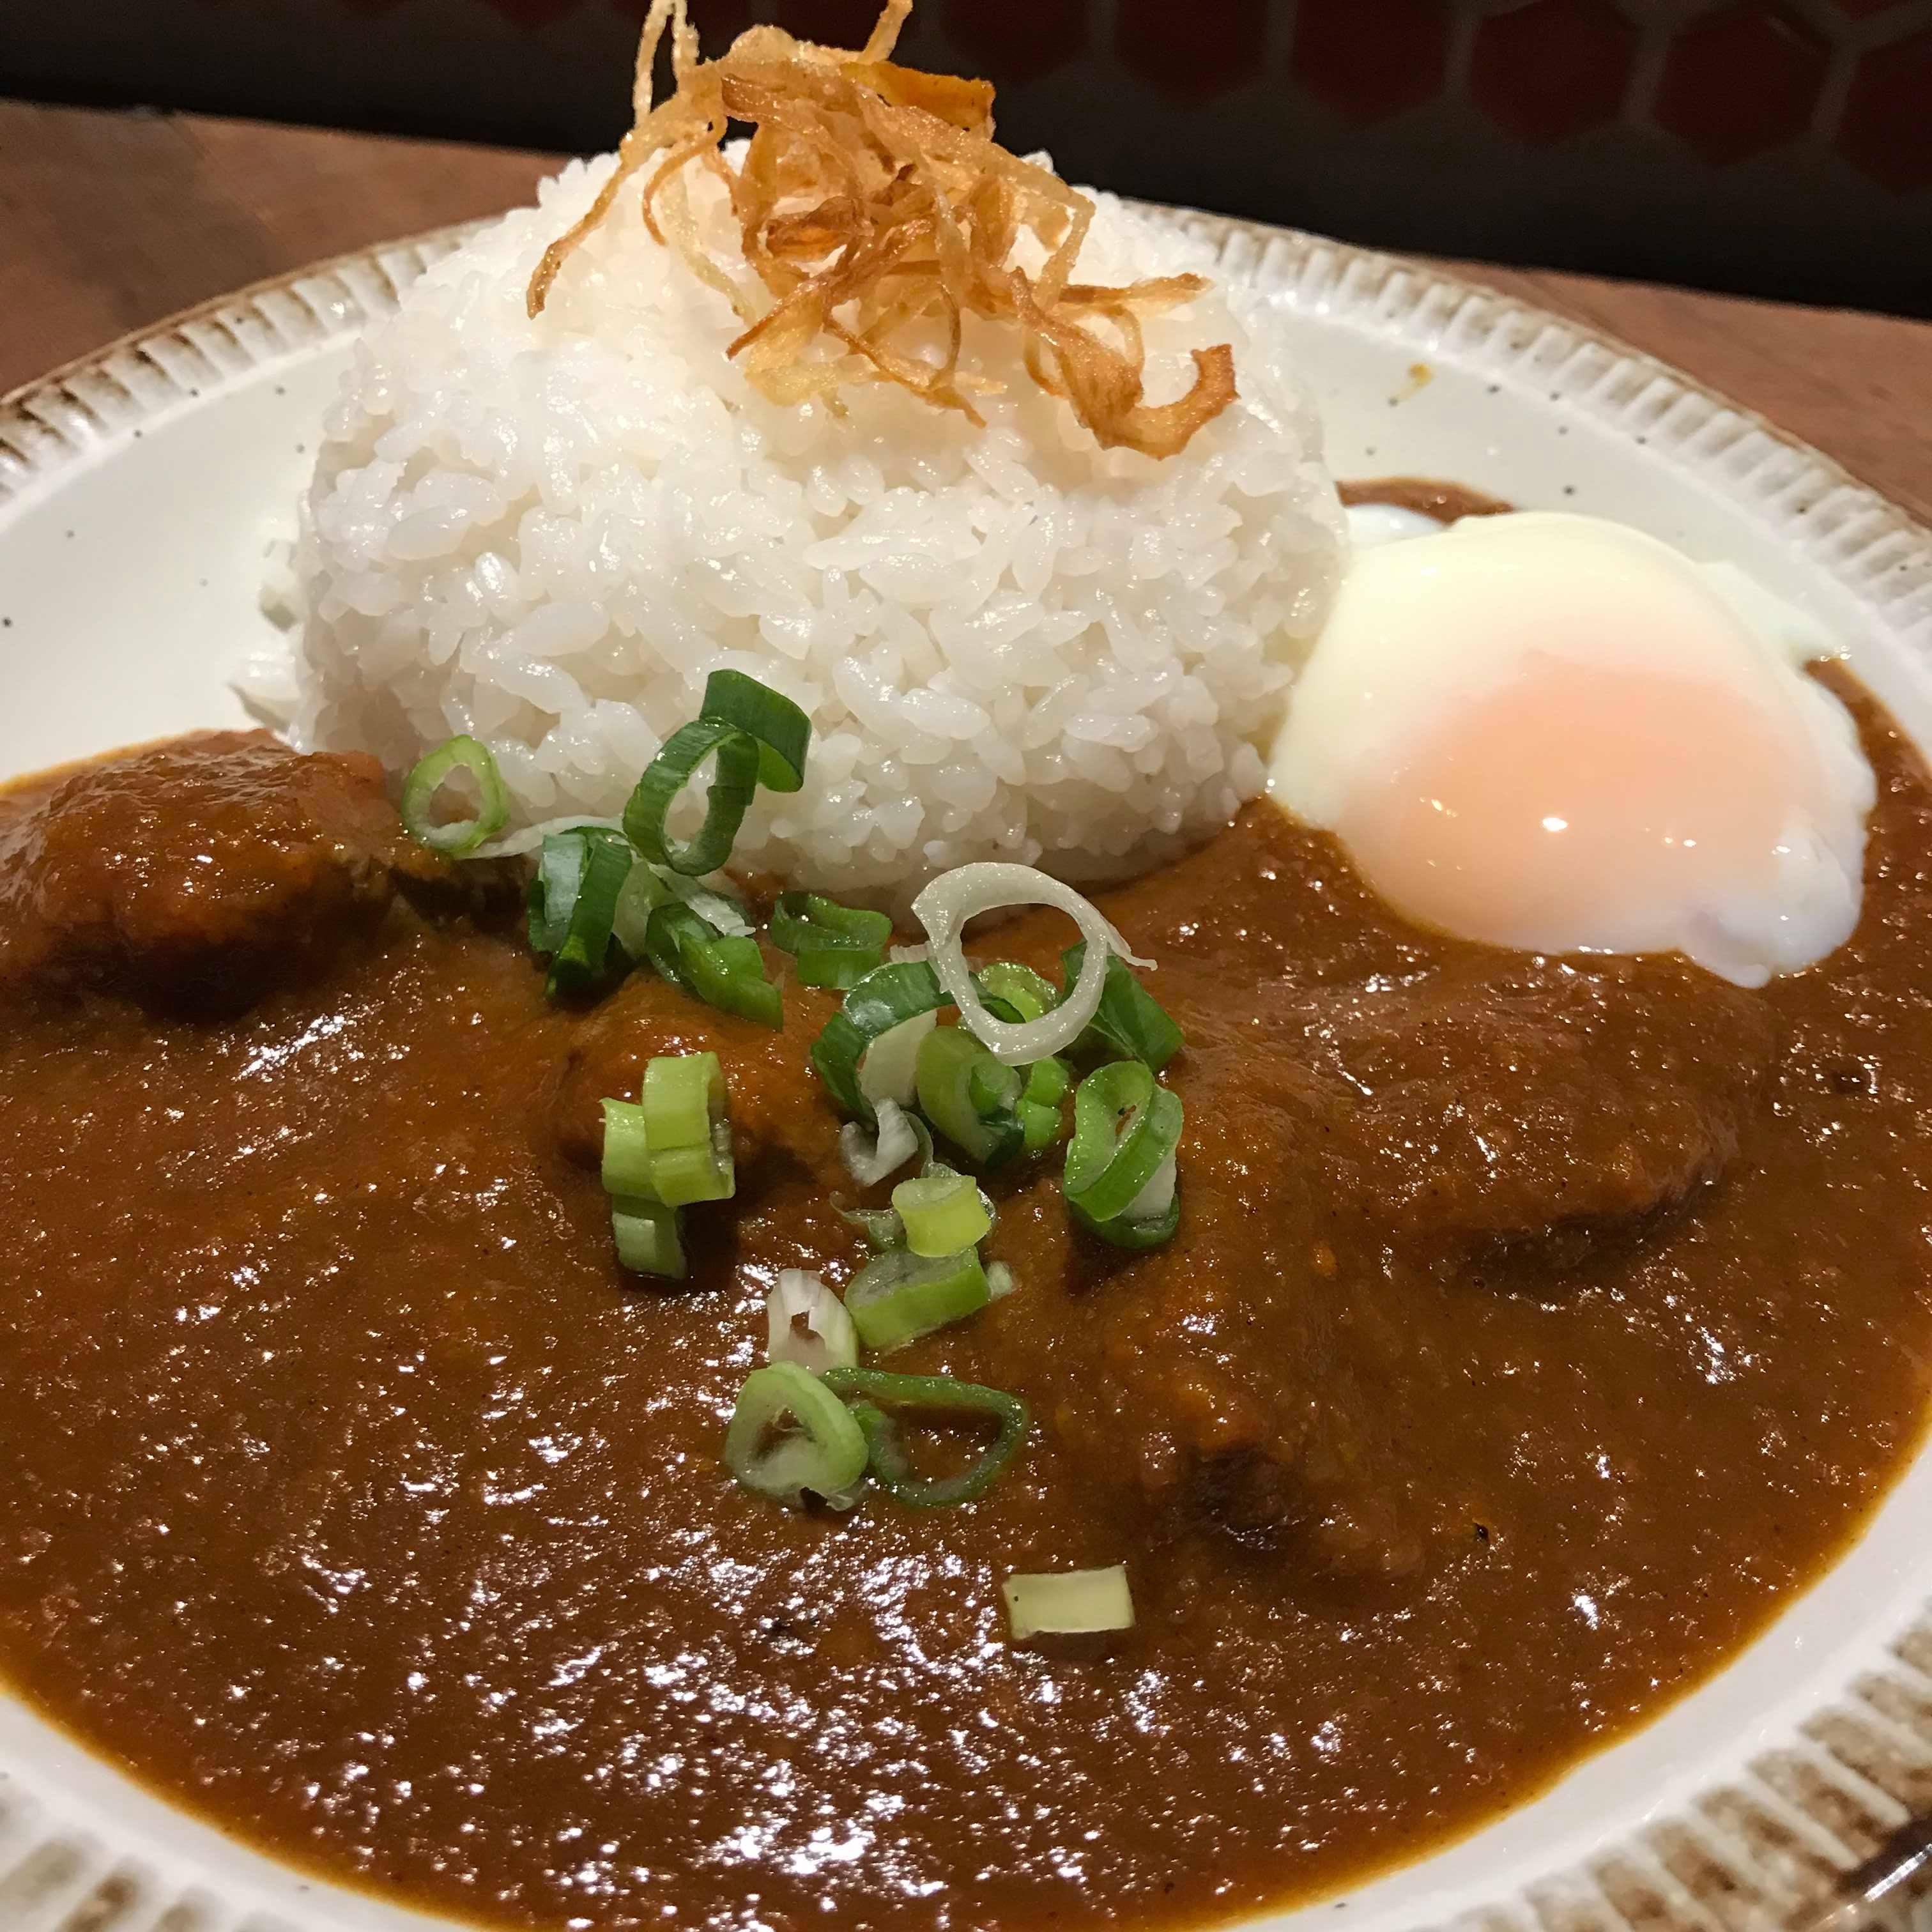 【食記】台北最好吃的咖哩飯|新高軒|一次只入座8位想吃先排隊